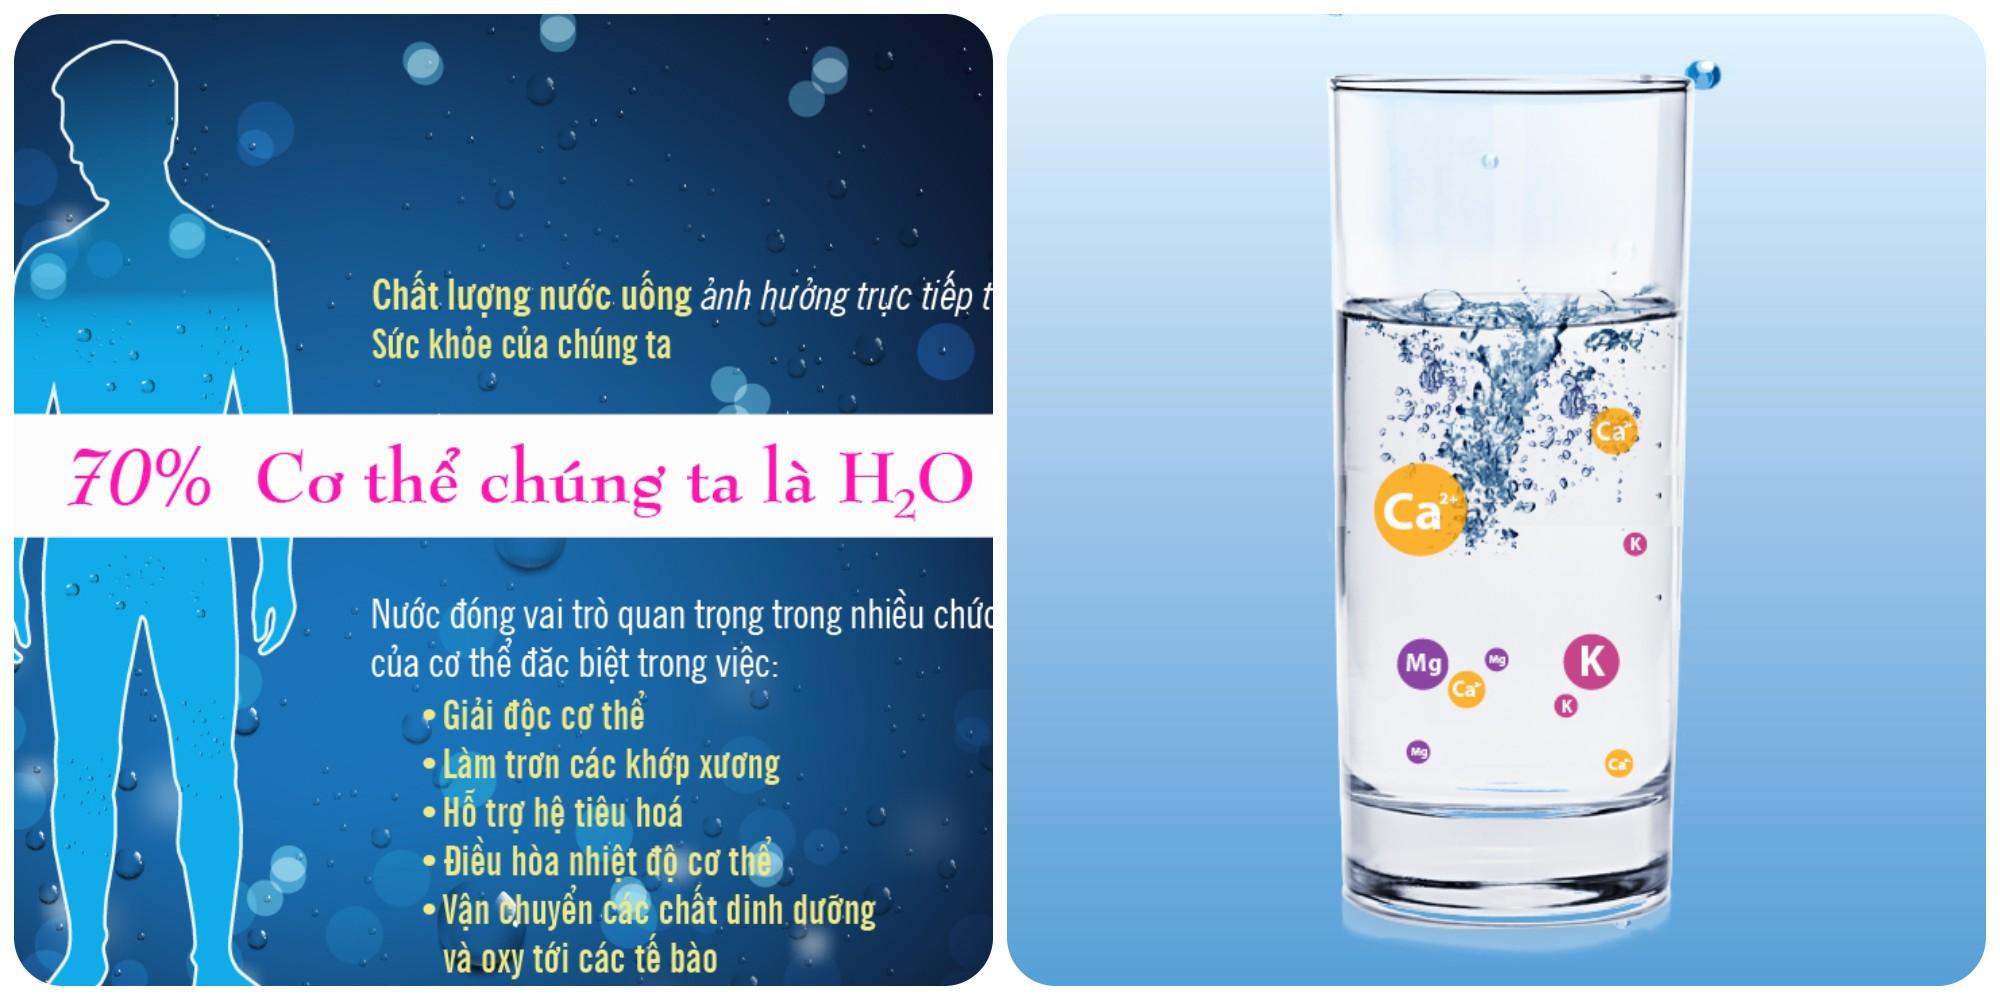 Chất lượng nước uống ảnh hưởng trực tiếp đến sức khỏe